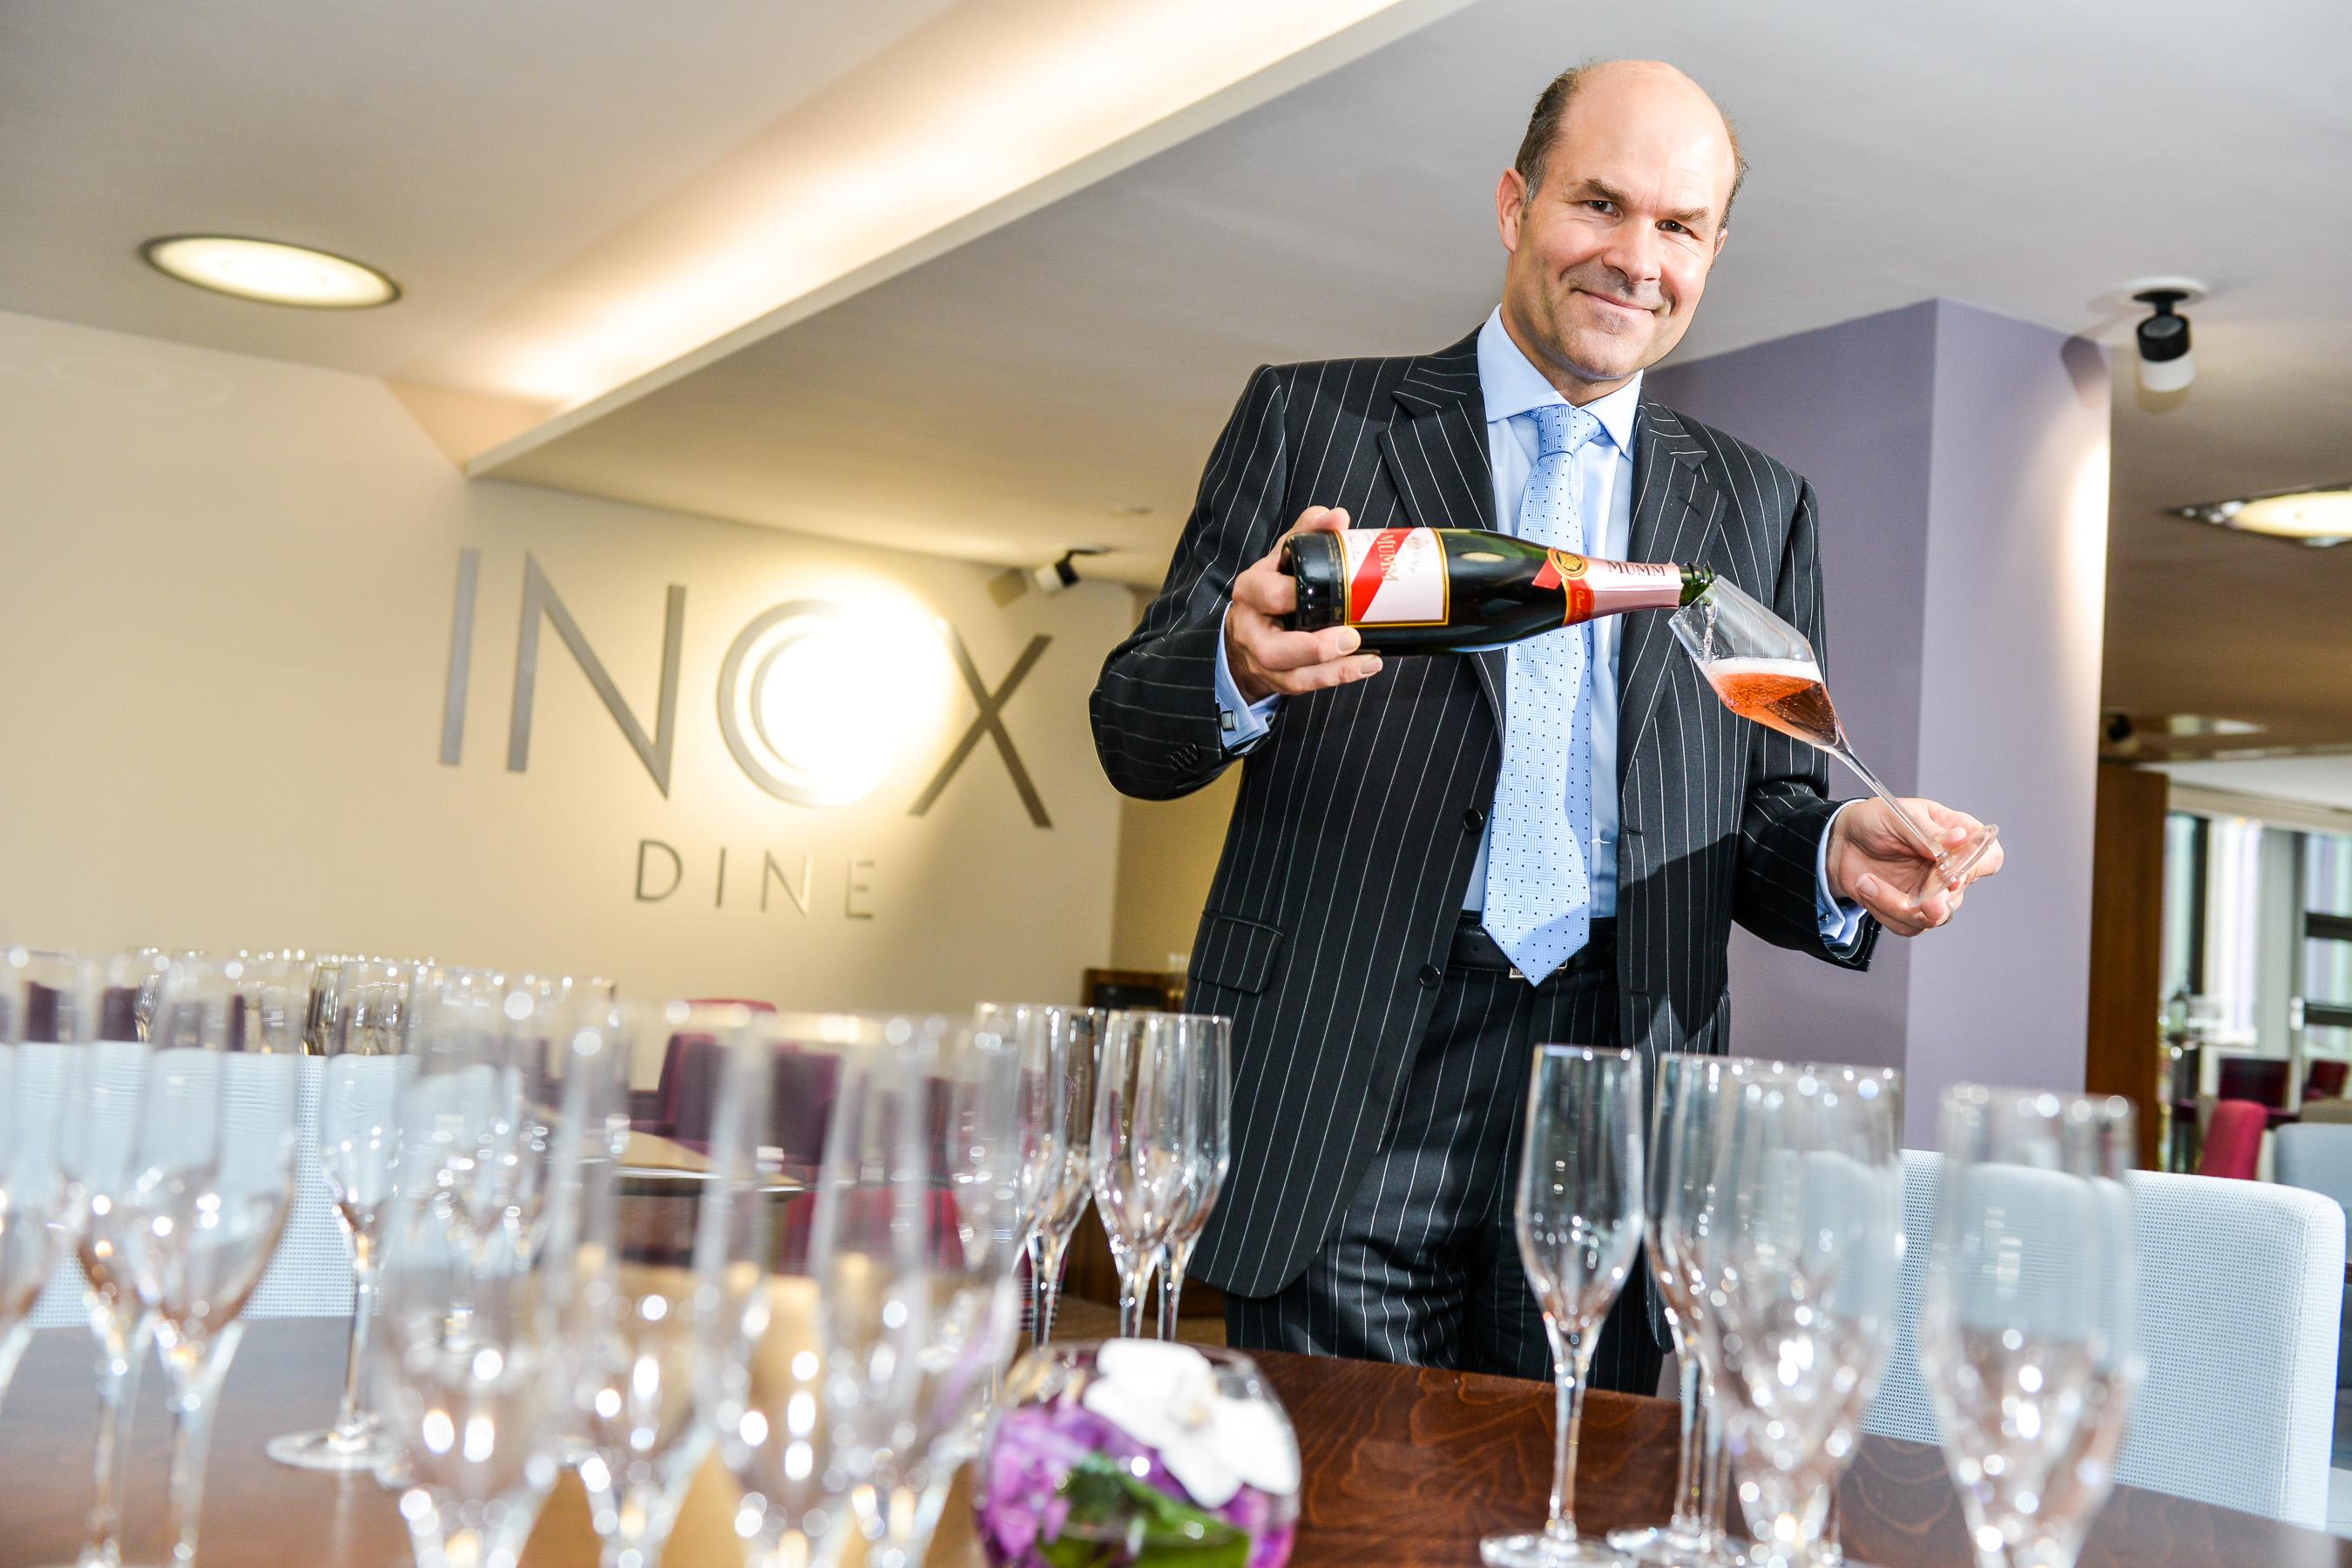 Bubbles / Wine Expert